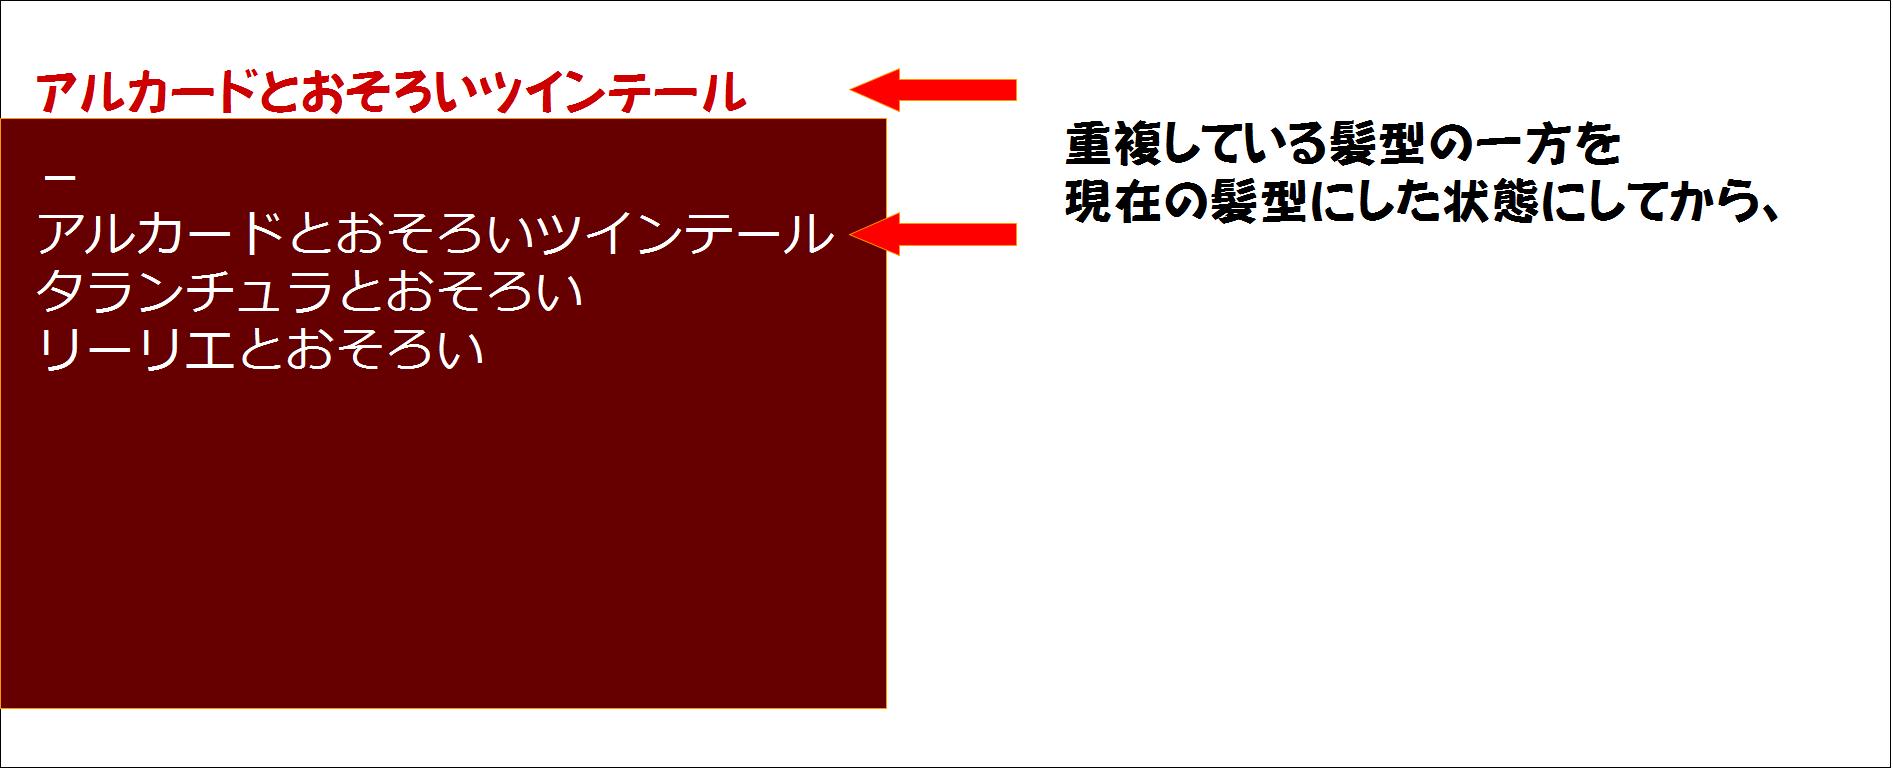 重複解消シンプル版3